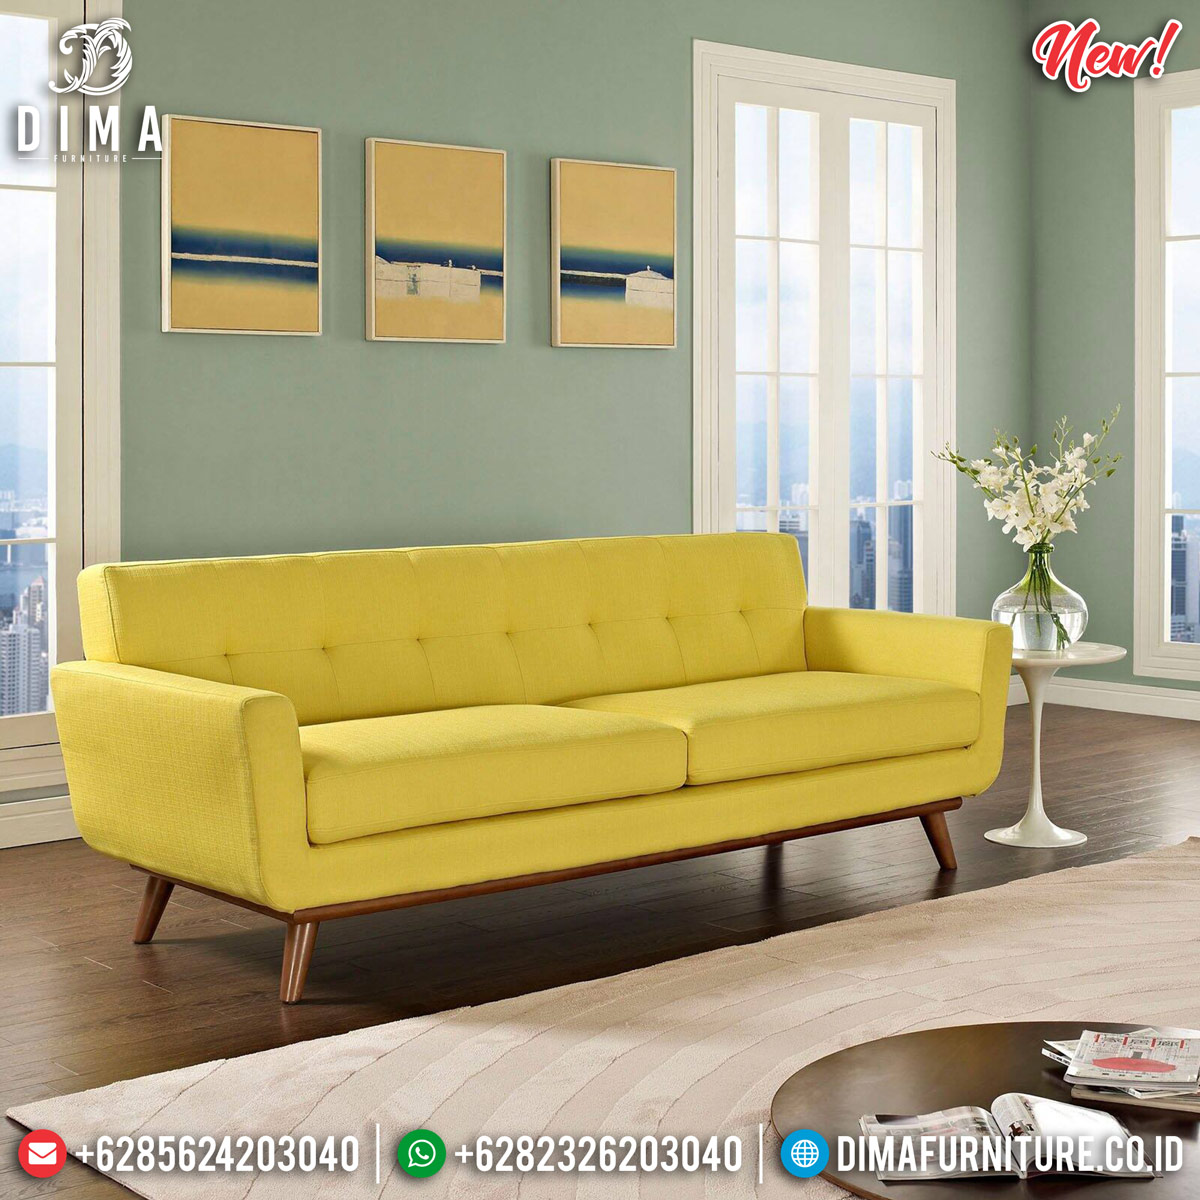 Sofa Minimalis Jepara Simple Minimalist Harga Terjangkau TTJ-0849 Model 1